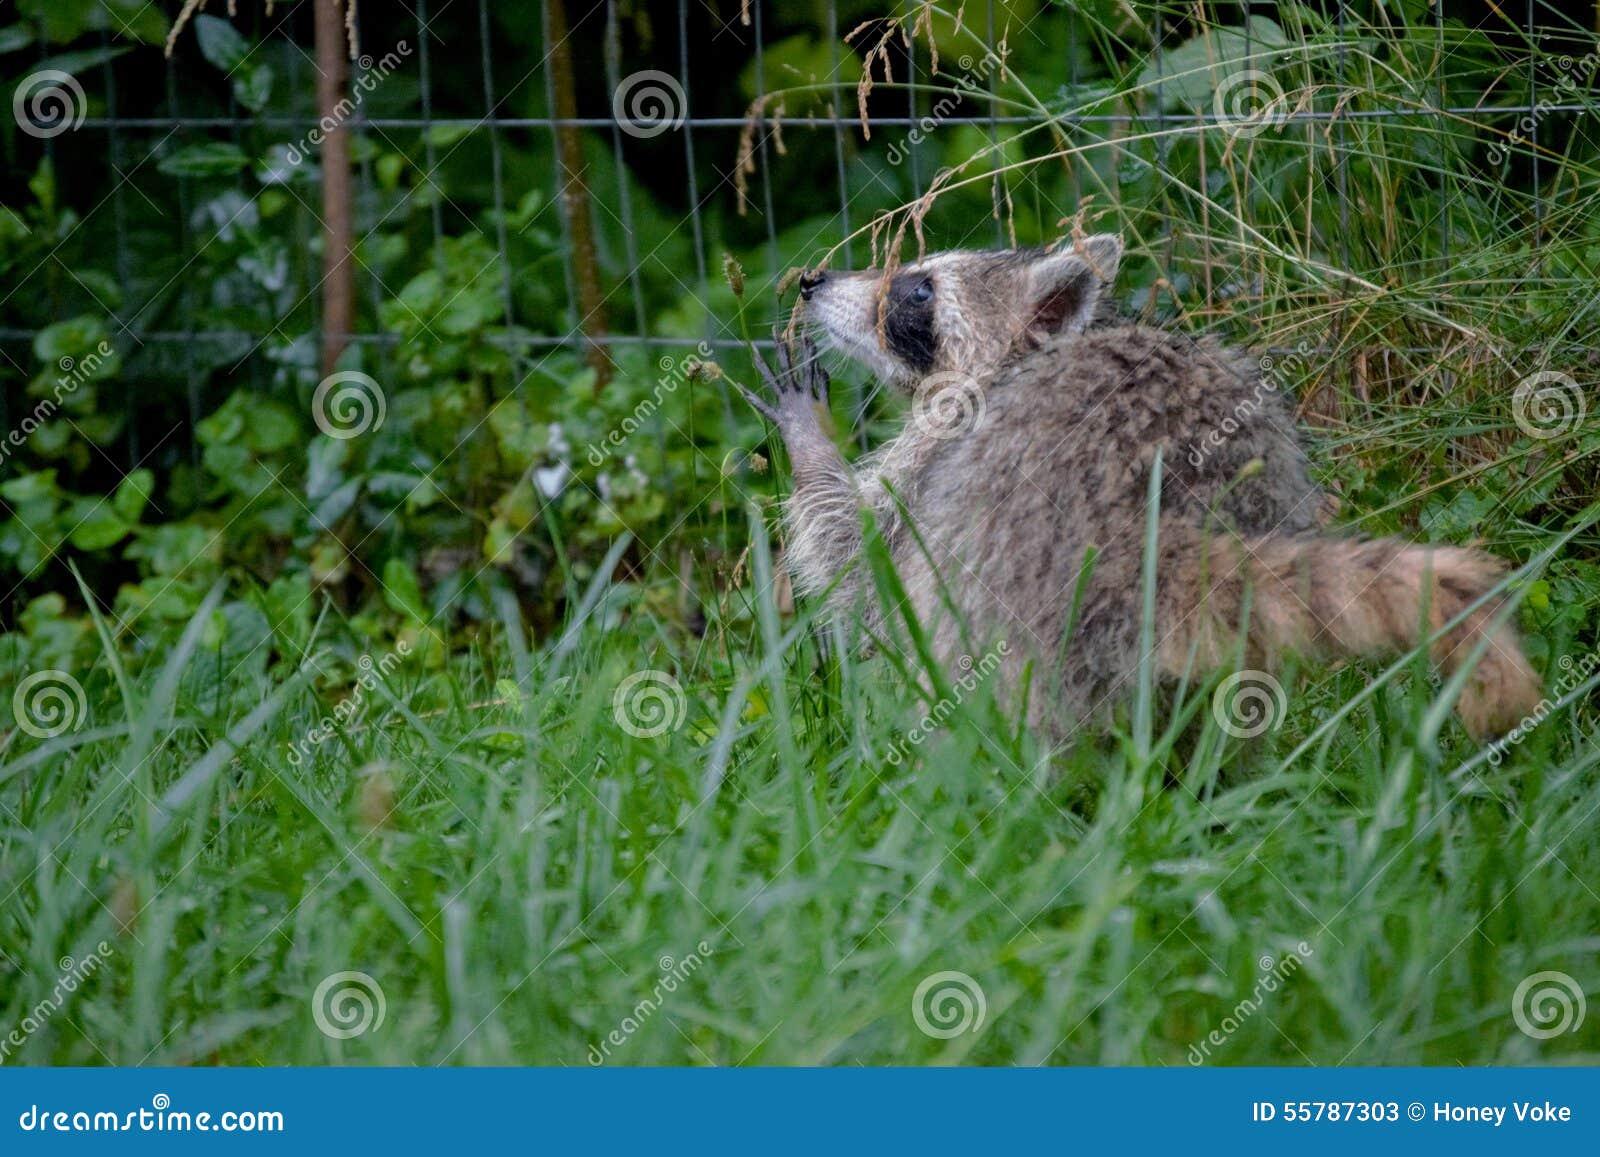 raccoon backyard young playing weed